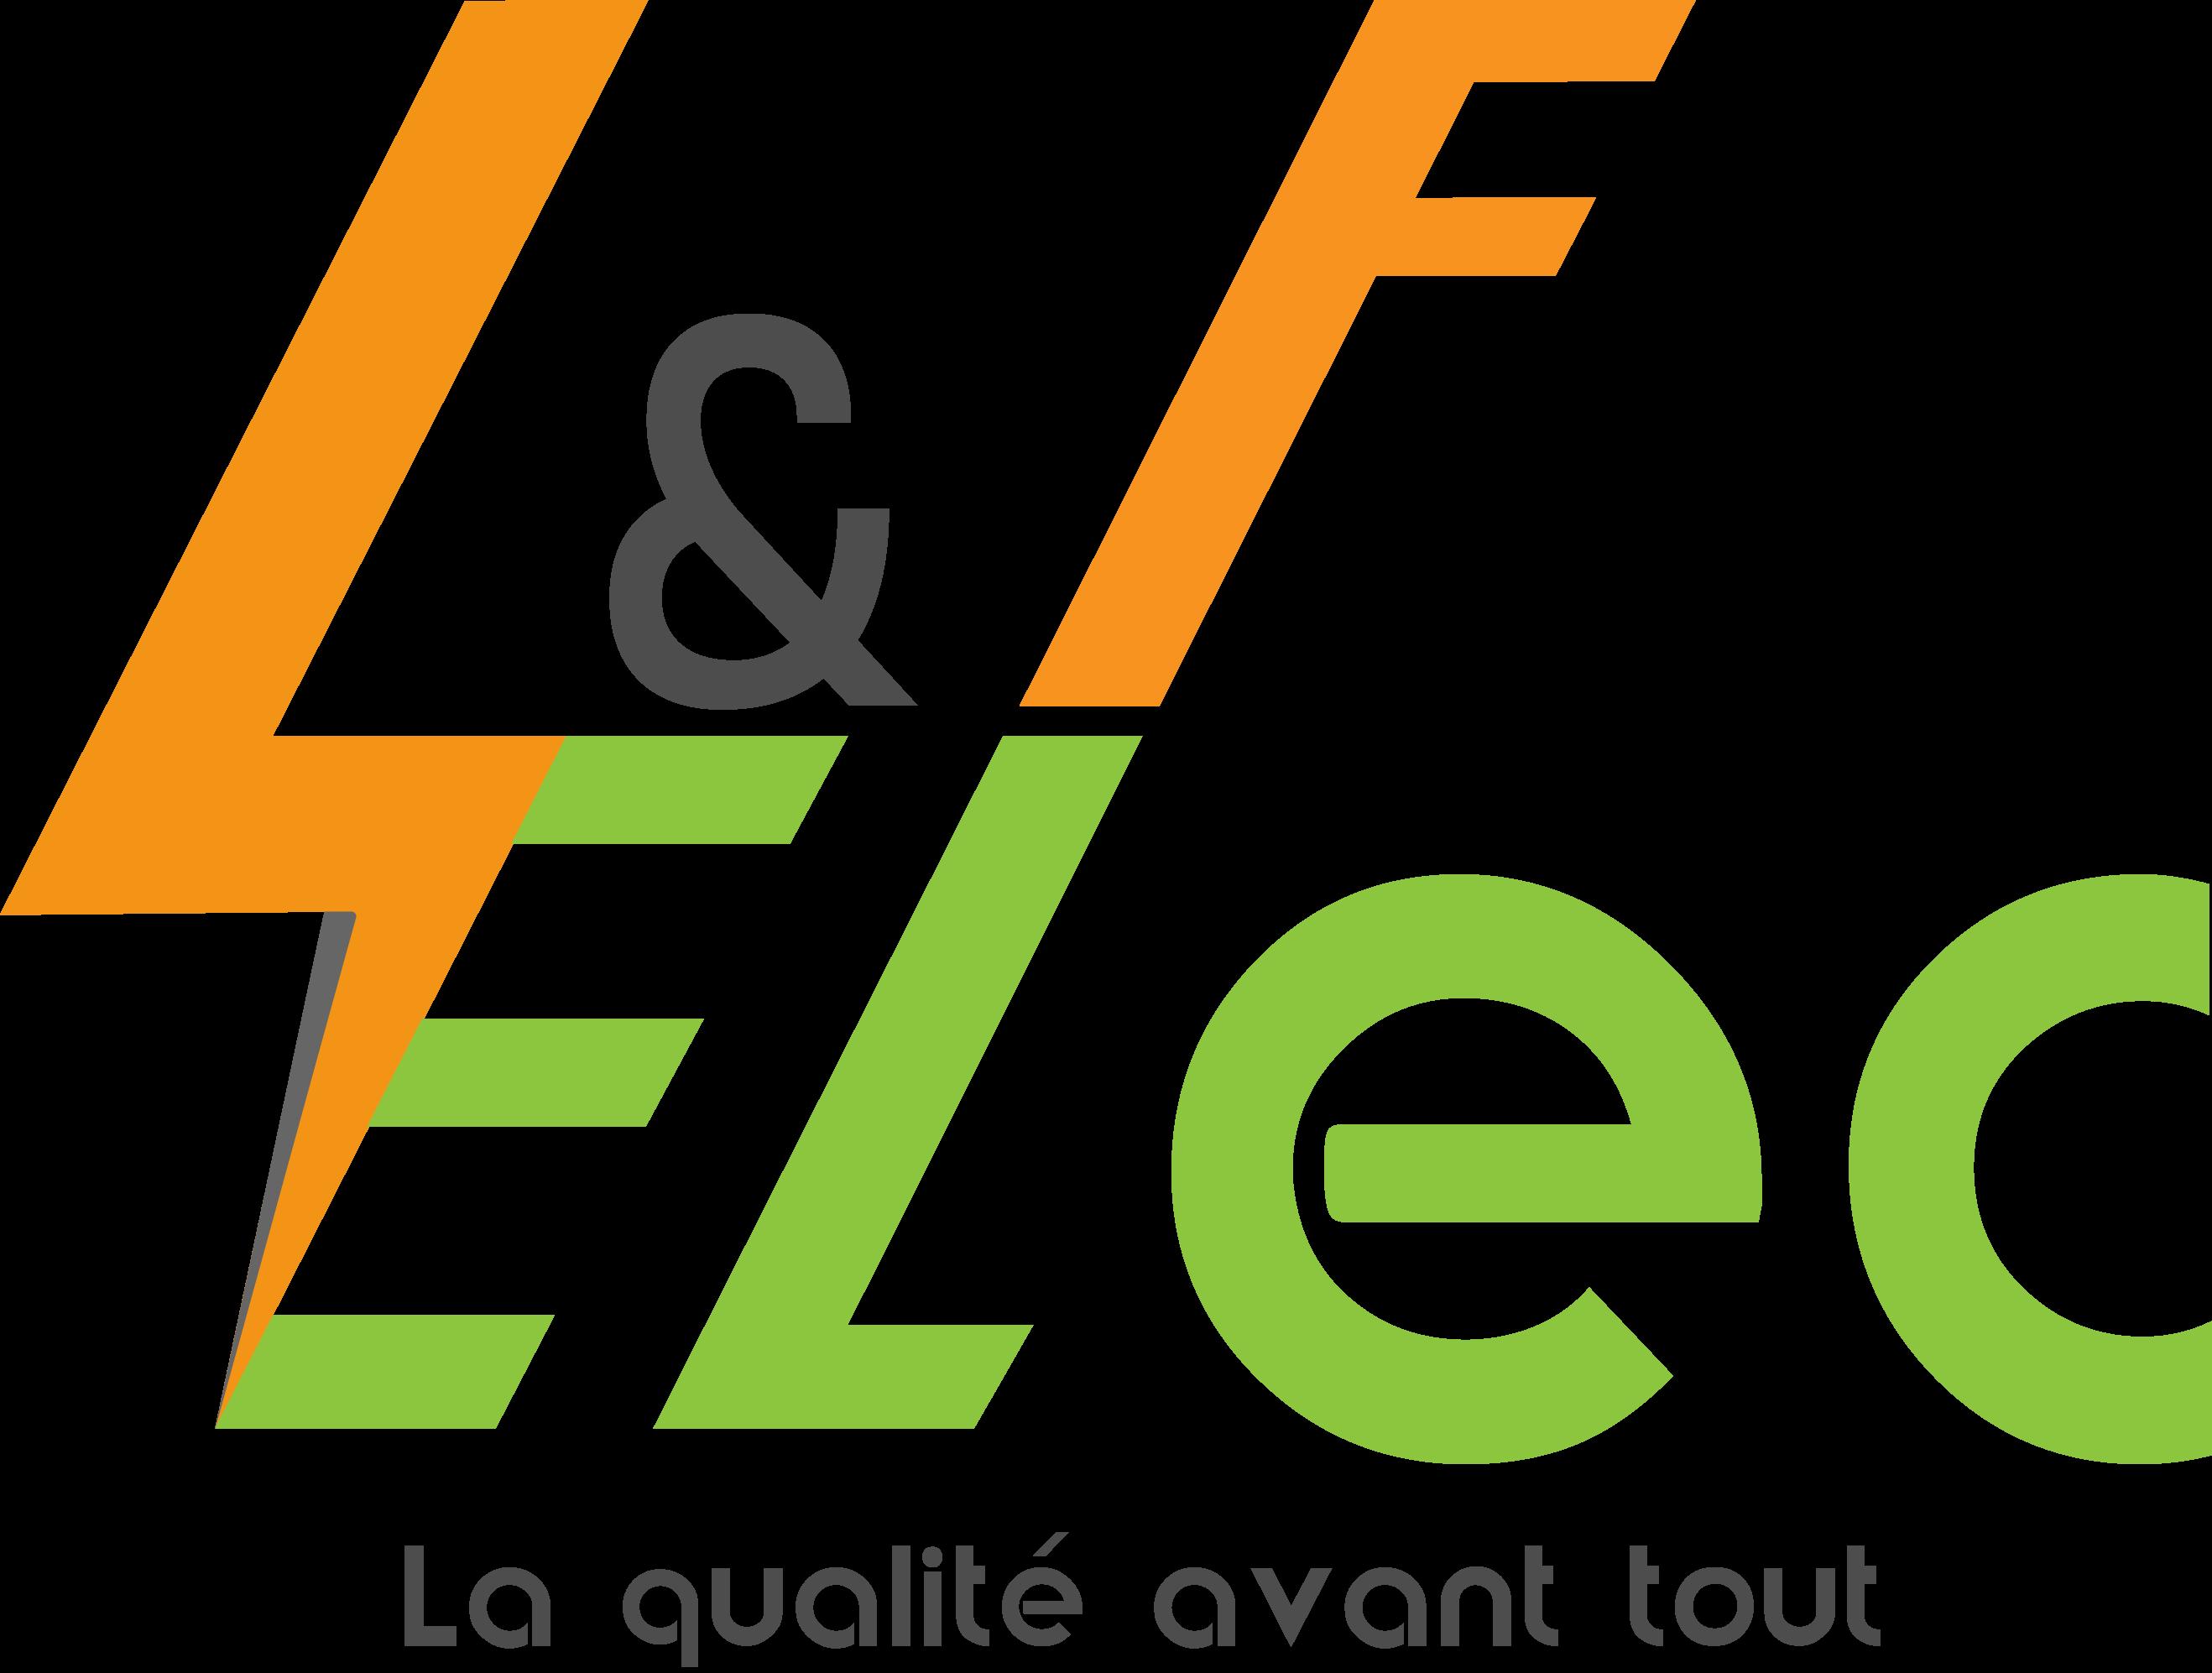 L&F ELEC